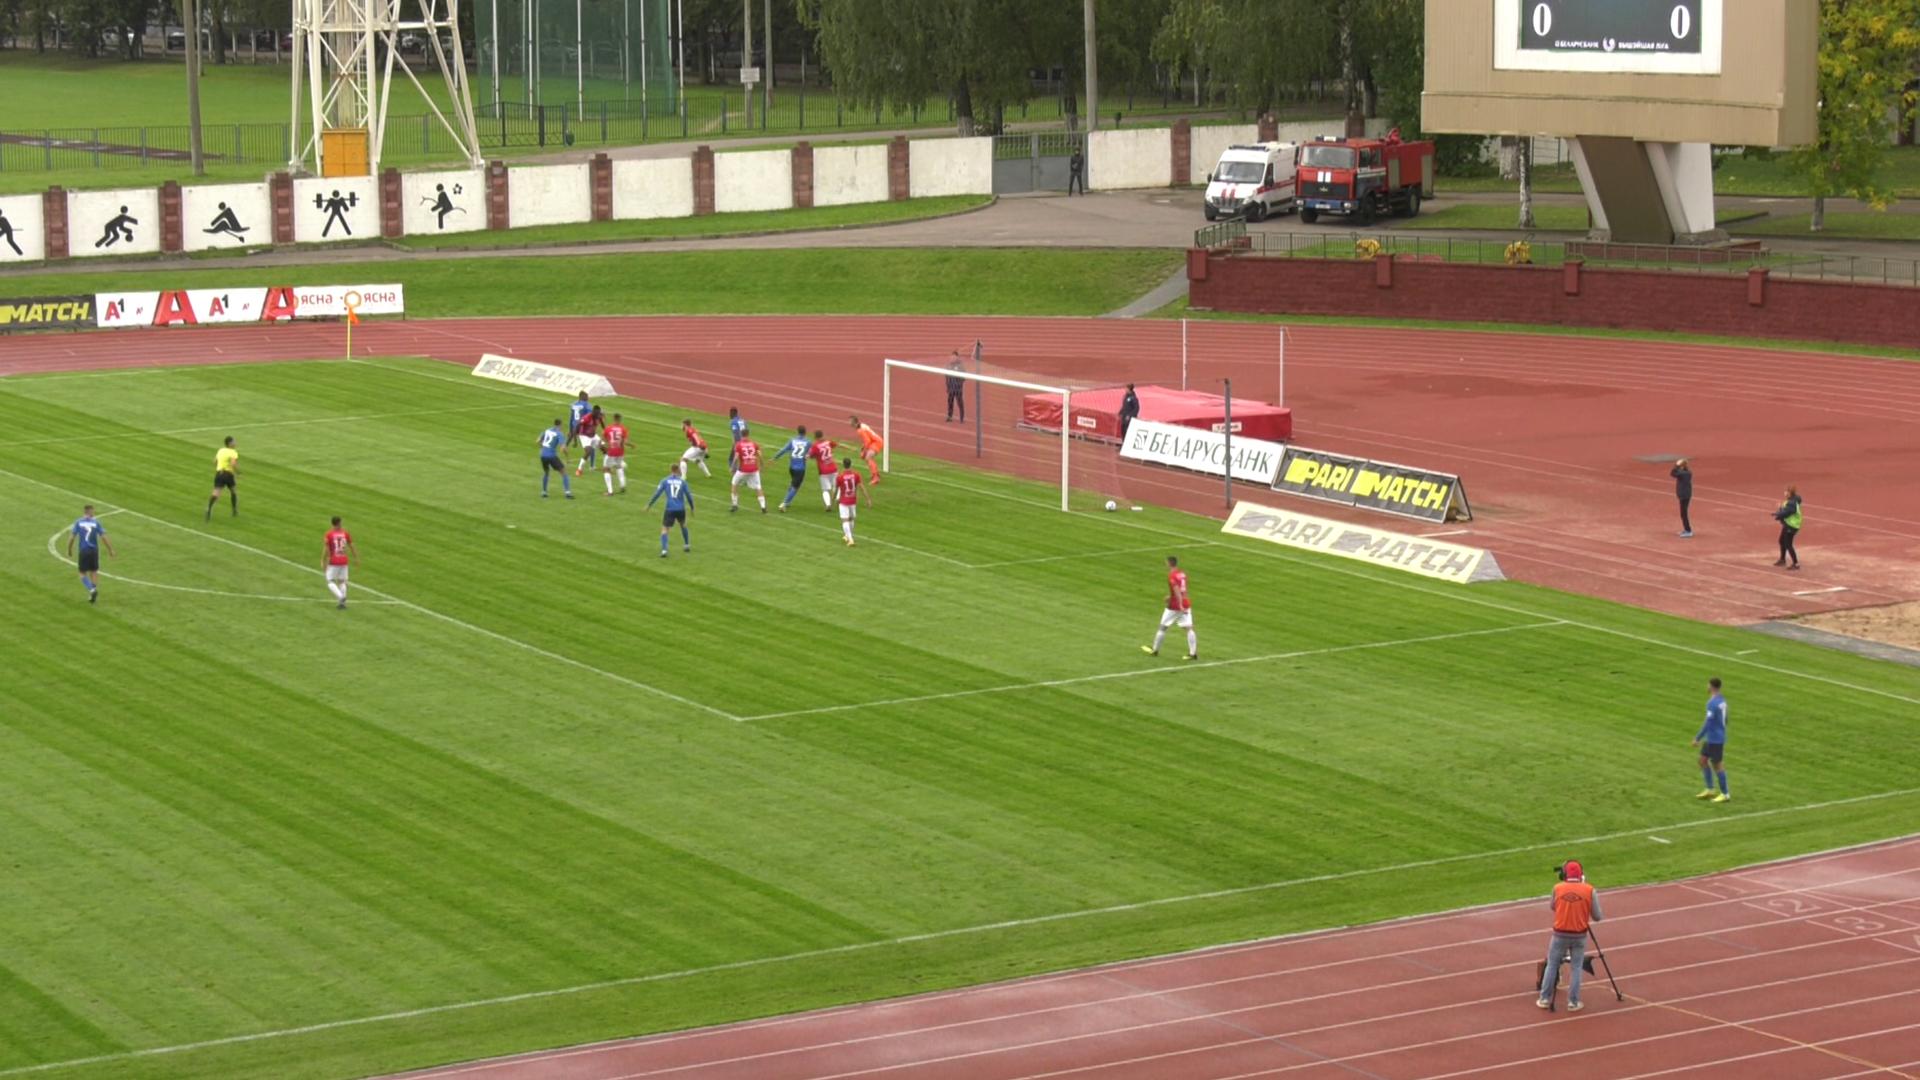 belshina - Витебские футболисты сыграли вничью с «Белшиной» (видео)